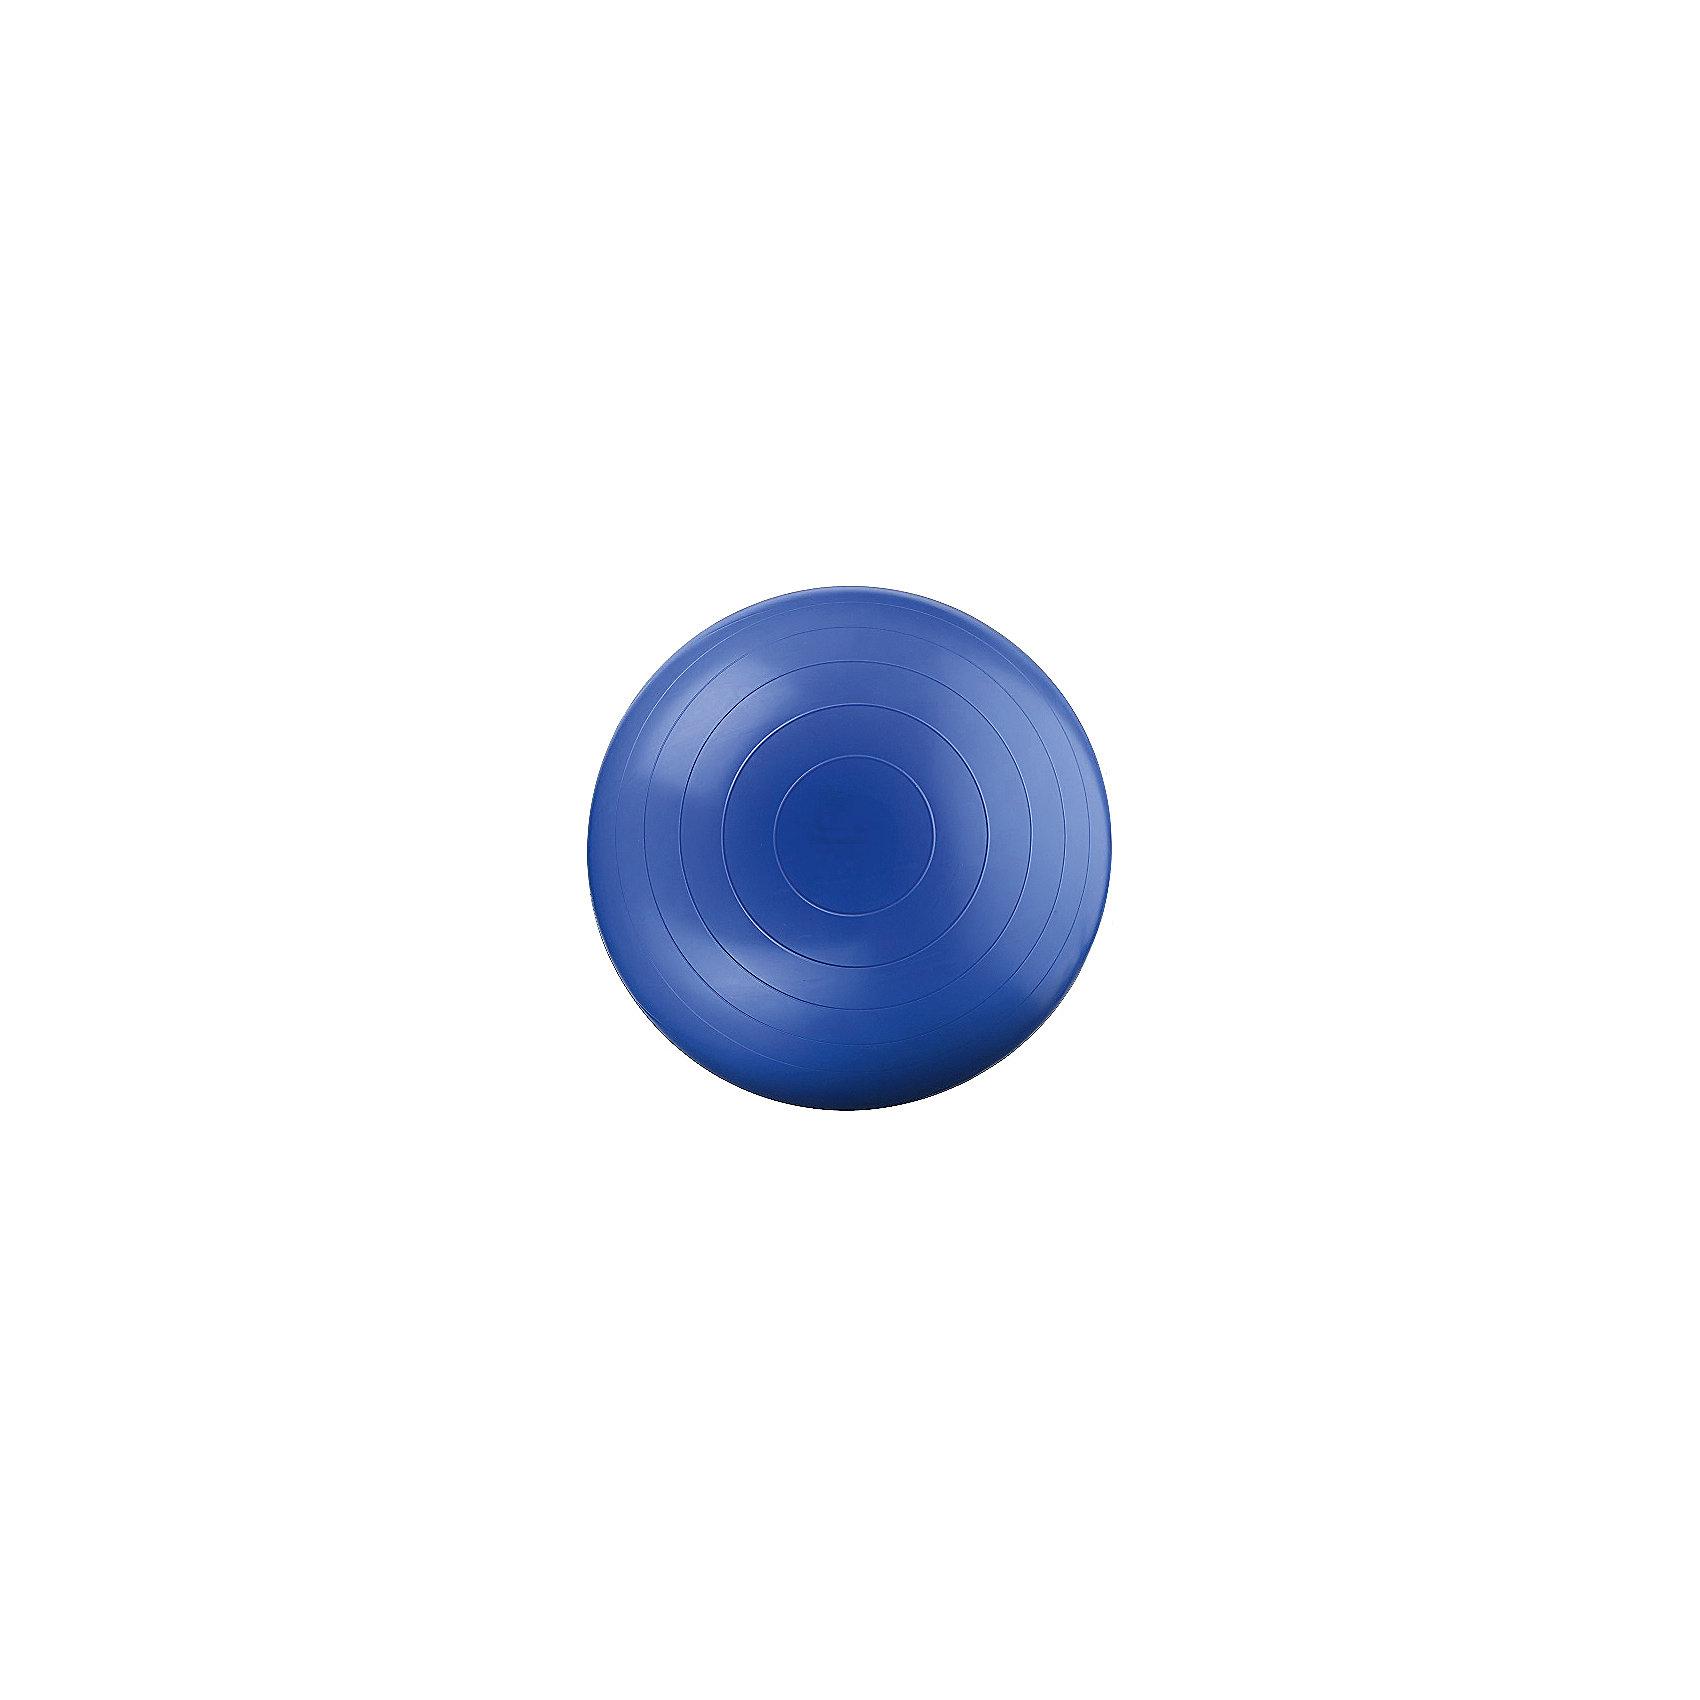 Мяч гимнастический (Фитбол), ?75см голубой, DOKAТренажёры<br>Мяч гимнастический (Фитбол), ?75см голубой, DOKA.<br><br>Характеристики:<br><br>• Возврат: от 4 месяцев до 16 лет<br>• Диаметр гимнастического мяча: 75 см.<br>• Выдерживает нагрузку до 200 кг.<br>• Система антивзрыв<br>• Материал: ПВХ (Германия)<br>• Цвет: черный<br><br>Гимнастический мяч (фитбол) от отечественного производителя предназначен для: занятий спортивной и лечебной гимнастикой; развития и укрепления мышц спины, рук, живота и ног; формирования правильной осанки; игр и отдыха. Идеально подходит для занятий с детьми с 4-месячного возраста с целью формирования правильных рефлексов и развития координации движения. Фитбол снабжен системой антивзрыв, изготовлен на итальянском оборудовании из нетоксичного и гипоаллергенного ПВХ (Германия) безвредного для детей любого возраста. Мяч очень легкий и компактный, надувается насосом в считанные минуты. Во время гимнастики на фитболе сгорает больше килокалорий, чем при простой силовой тренировке, так как равномерно прорабатываются те группы мышц, которые обычно недоступны, особенно мышцы брюшного пресса и спины.<br><br>Мяч гимнастический (Фитбол), ?75см черный, DOKA можно купить в нашем интернет-магазине.<br><br>Ширина мм: 122<br>Глубина мм: 153<br>Высота мм: 254<br>Вес г: 1320<br>Возраст от месяцев: 4<br>Возраст до месяцев: 192<br>Пол: Унисекс<br>Возраст: Детский<br>SKU: 5510732